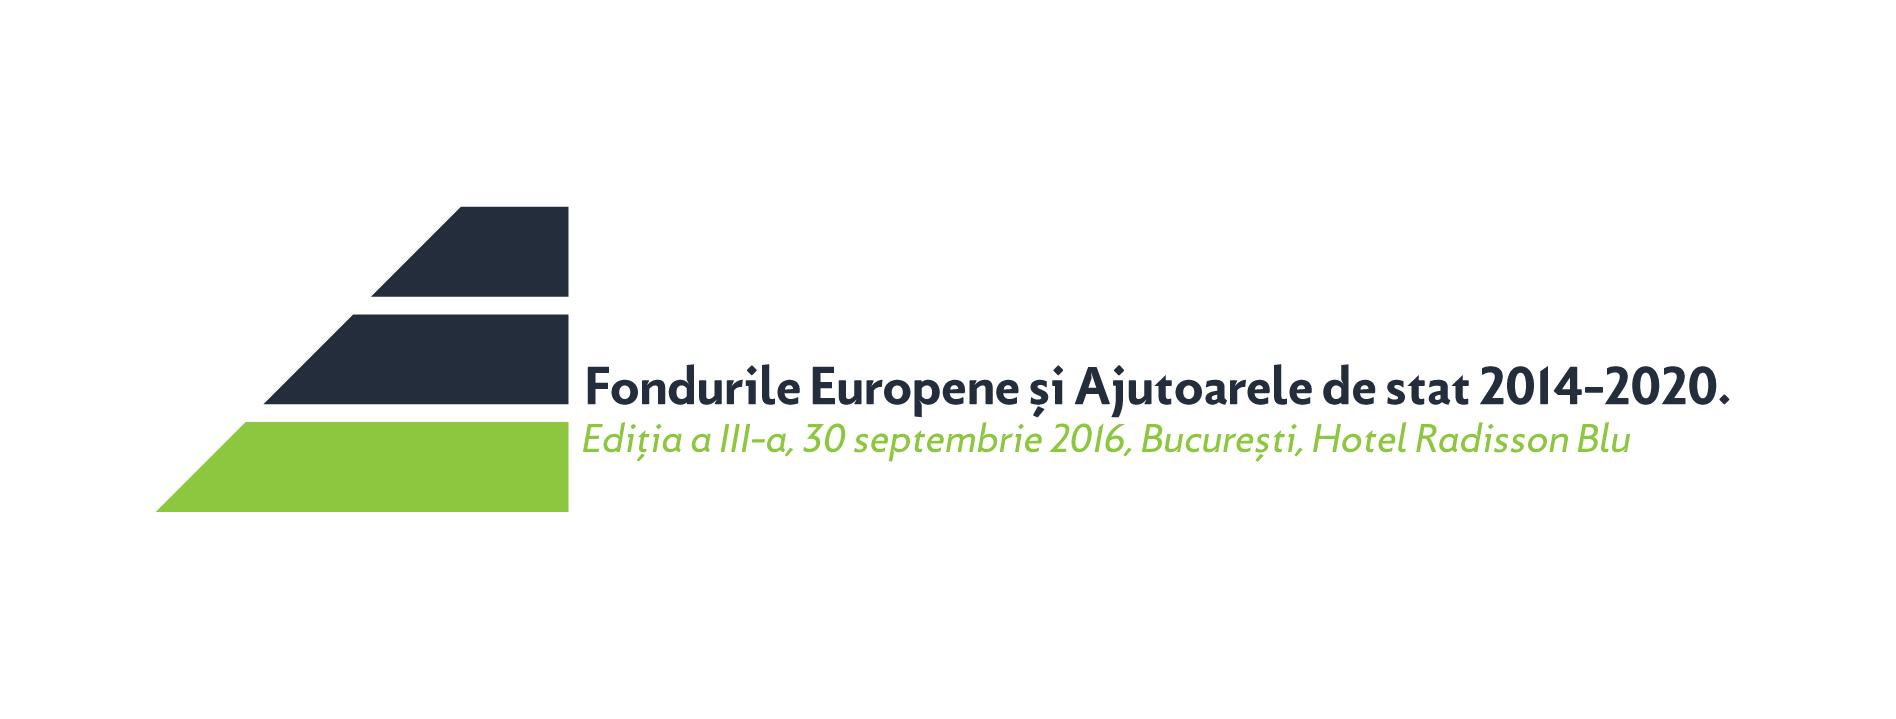 Fondurile europene și Ajutoarele de Stat 2014-2020, ediția a III-a